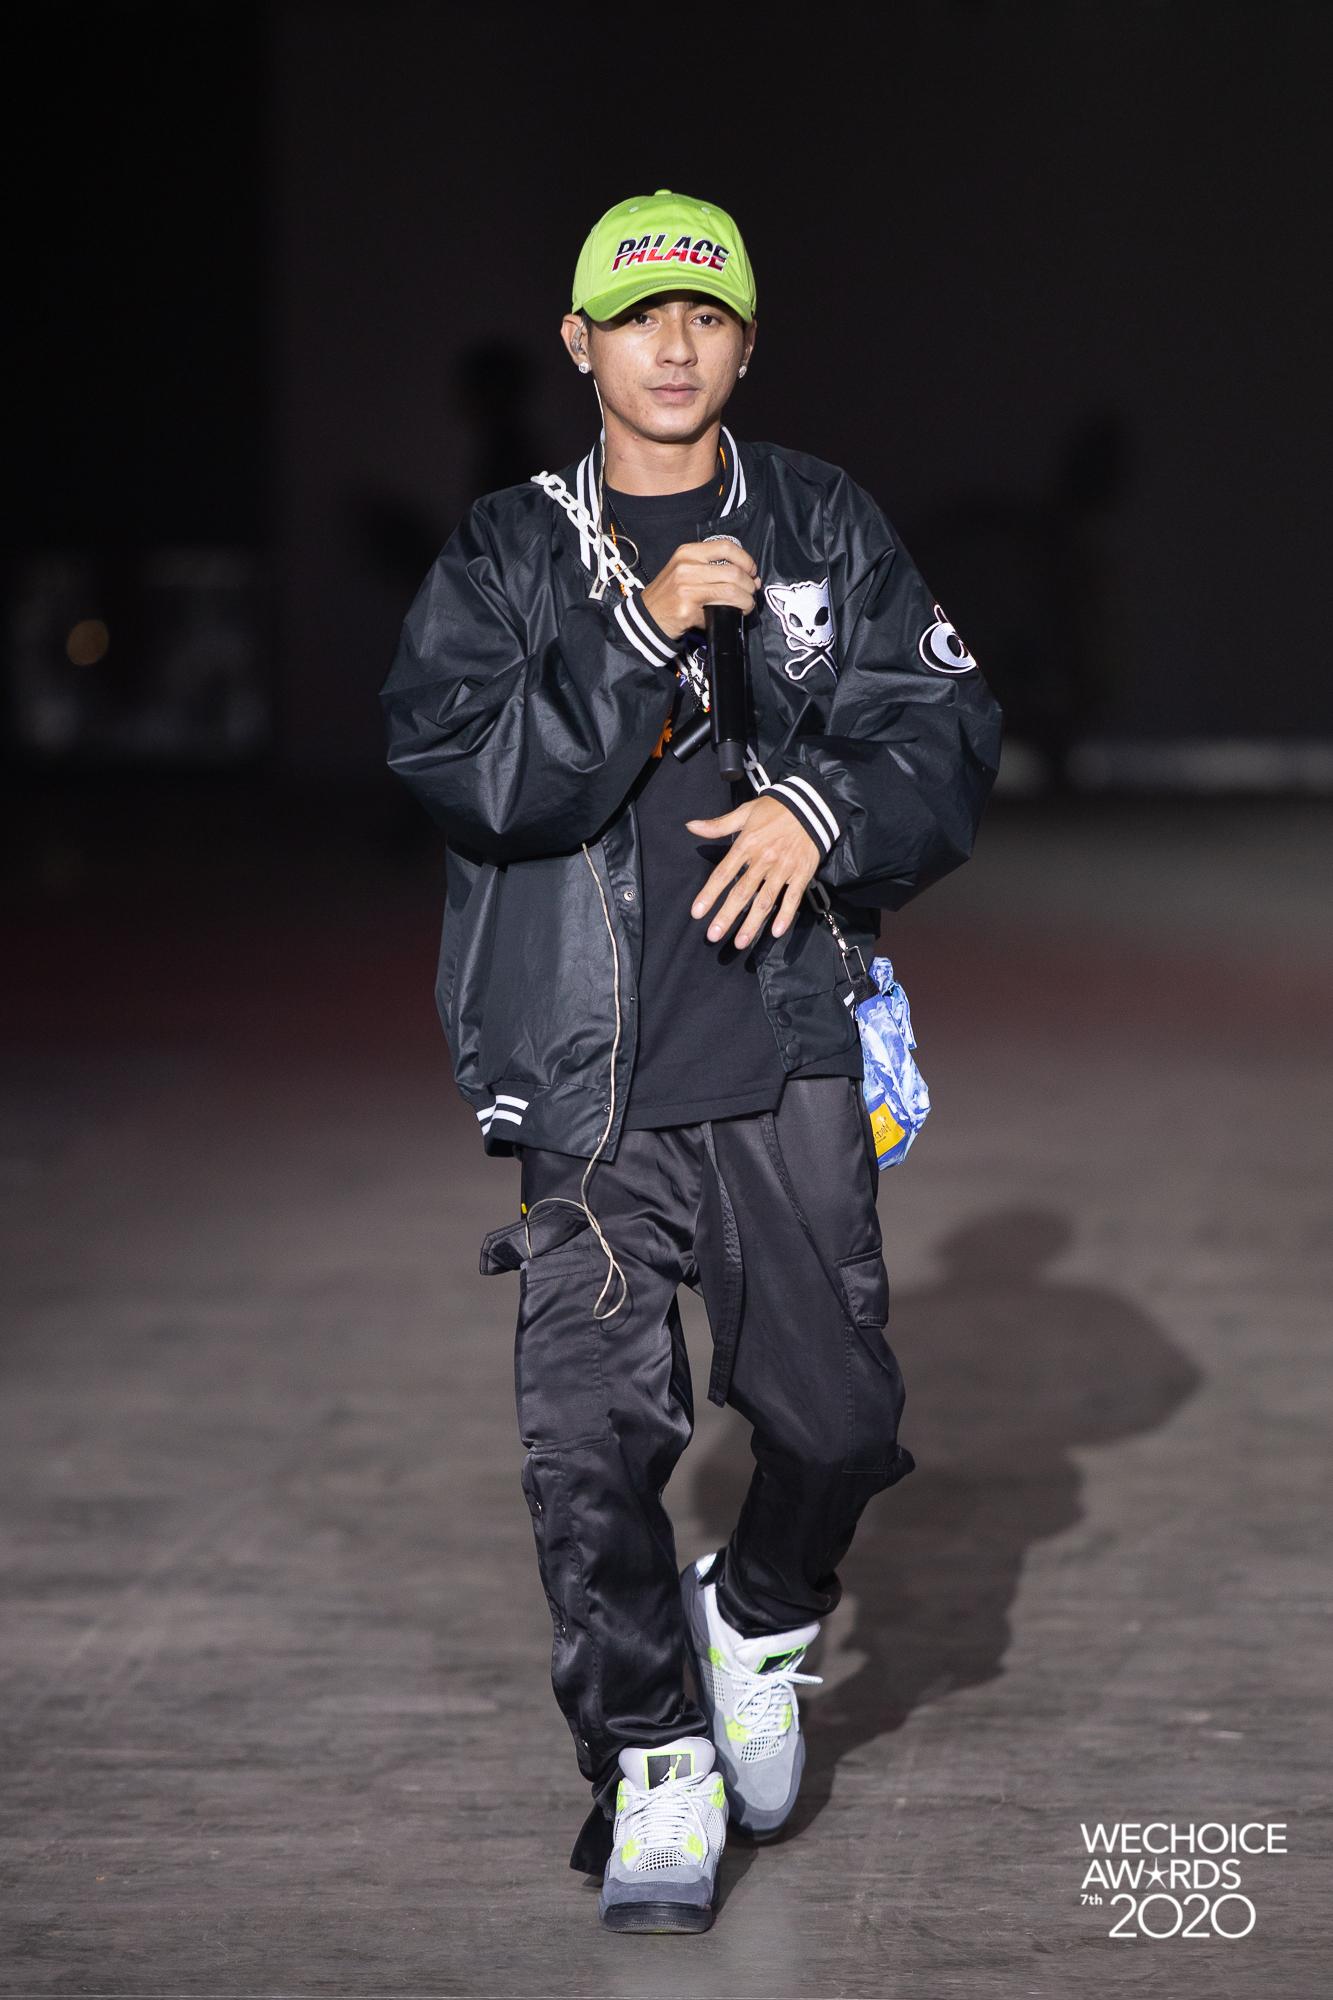 Style sao đi tổng duyệt WeChoice 2020: Hoà Minzy lên đồ trẻ trung không quên đeo khẩu trang, Hiền Hồ đeo kính râm cá tính - Ảnh 10.